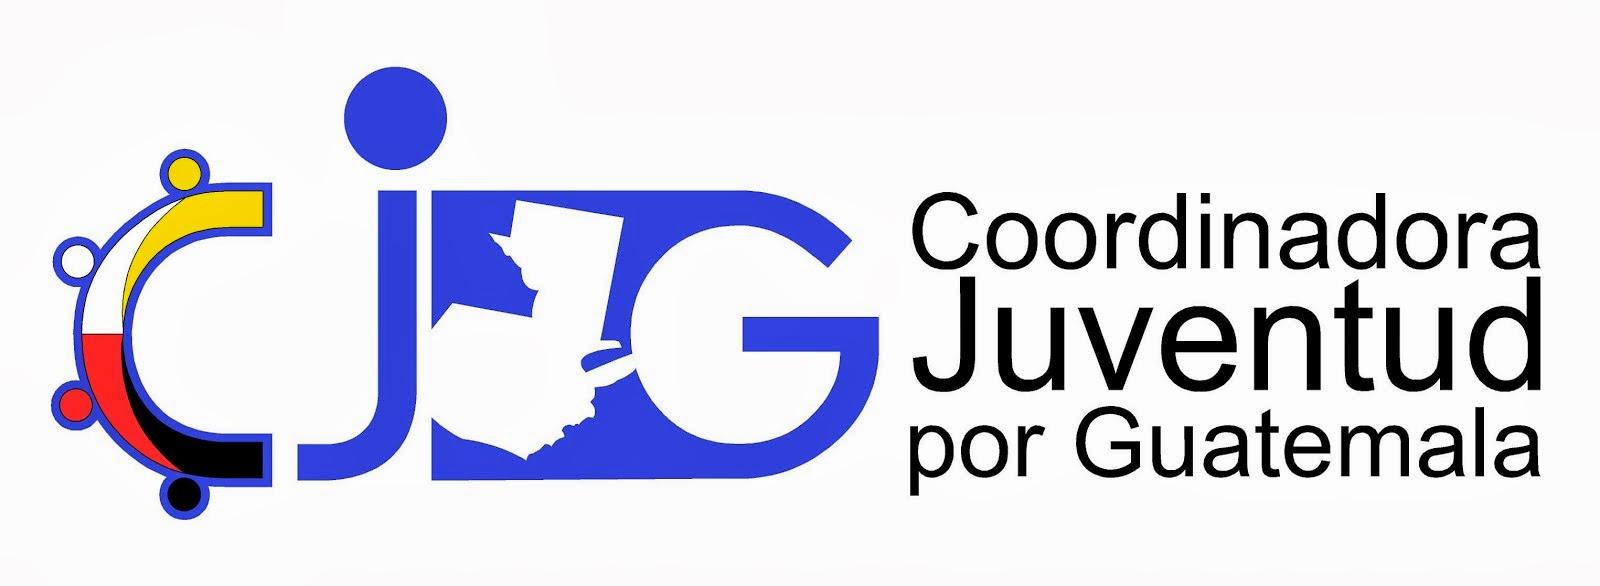 Coordinadora Juventud por Guatemala